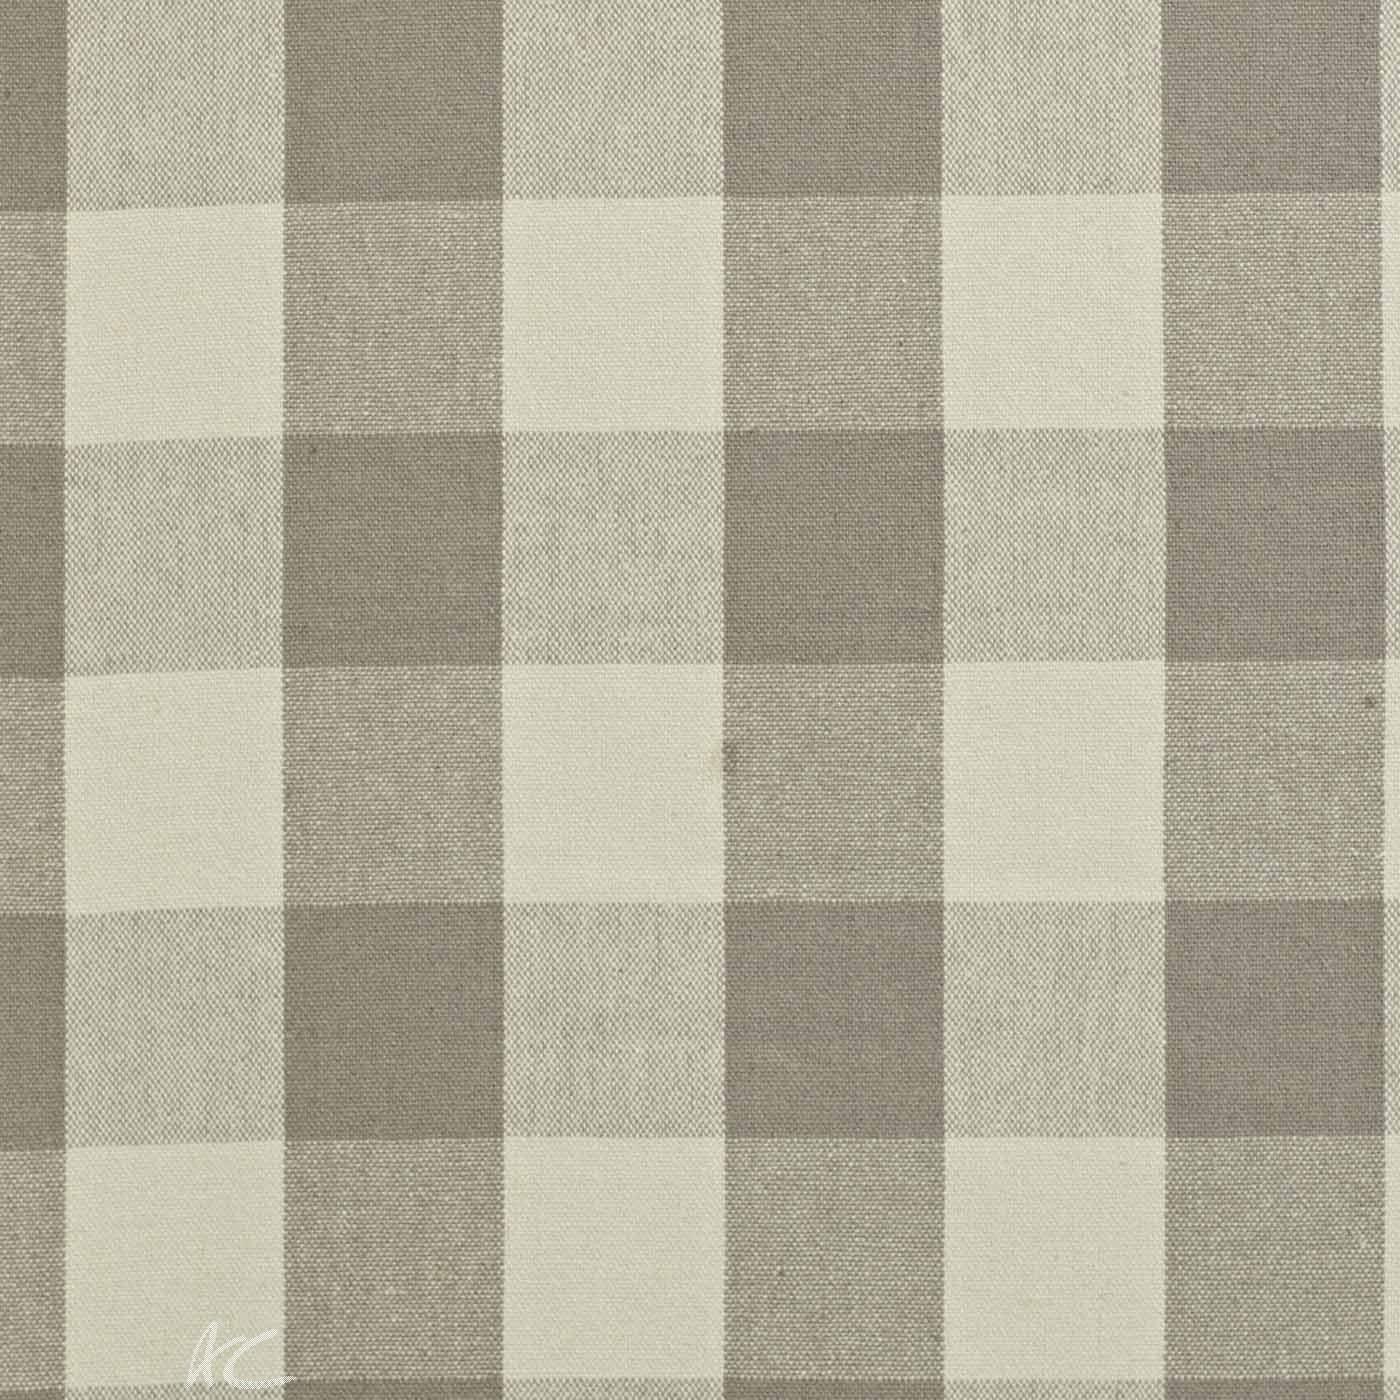 Prestigious Textiles Winderemere Keswick Granite Cushion Covers